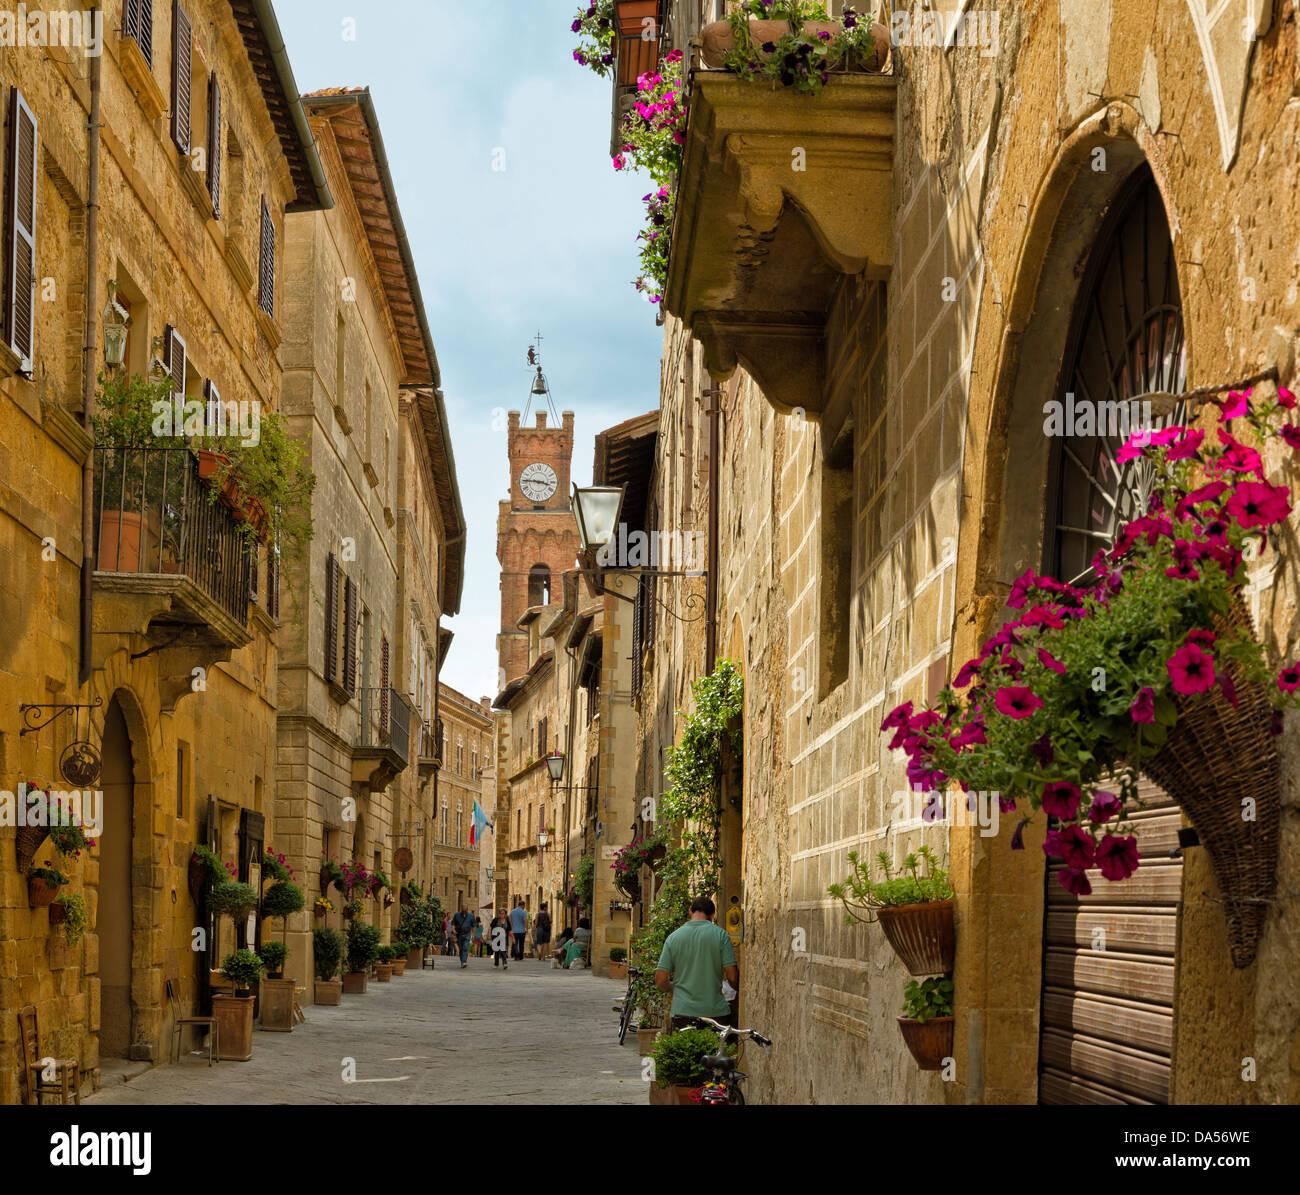 Pienza italy europe tuscany toscana town city lane houses stock photo 57892842 alamy - Casa rural en la toscana ...